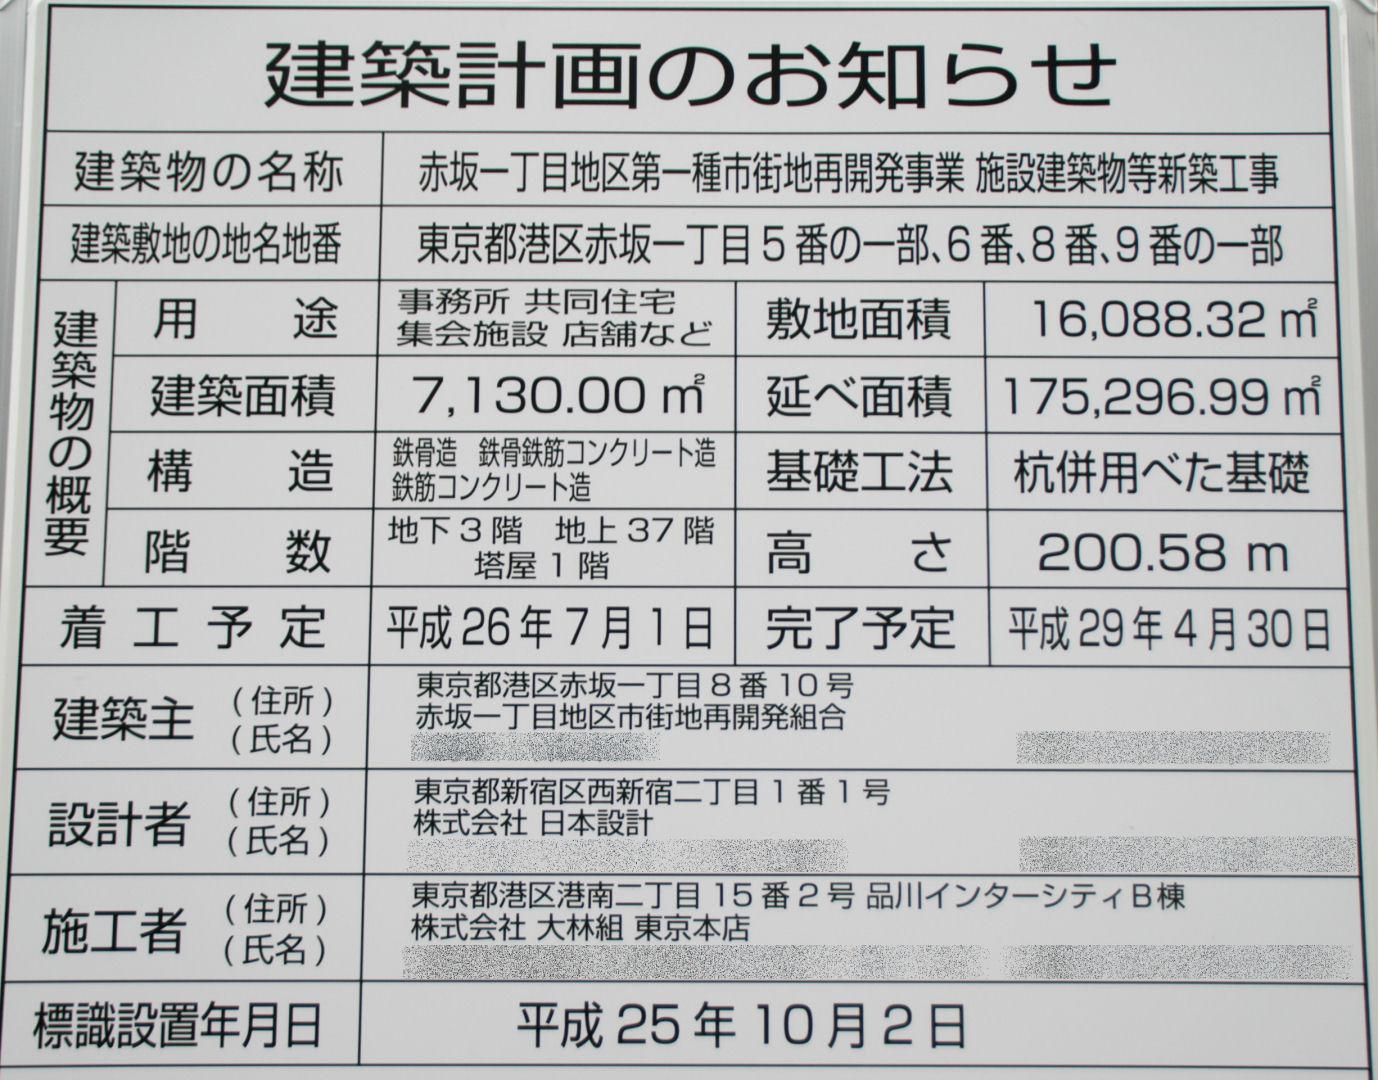 akasaka113100002e.jpg